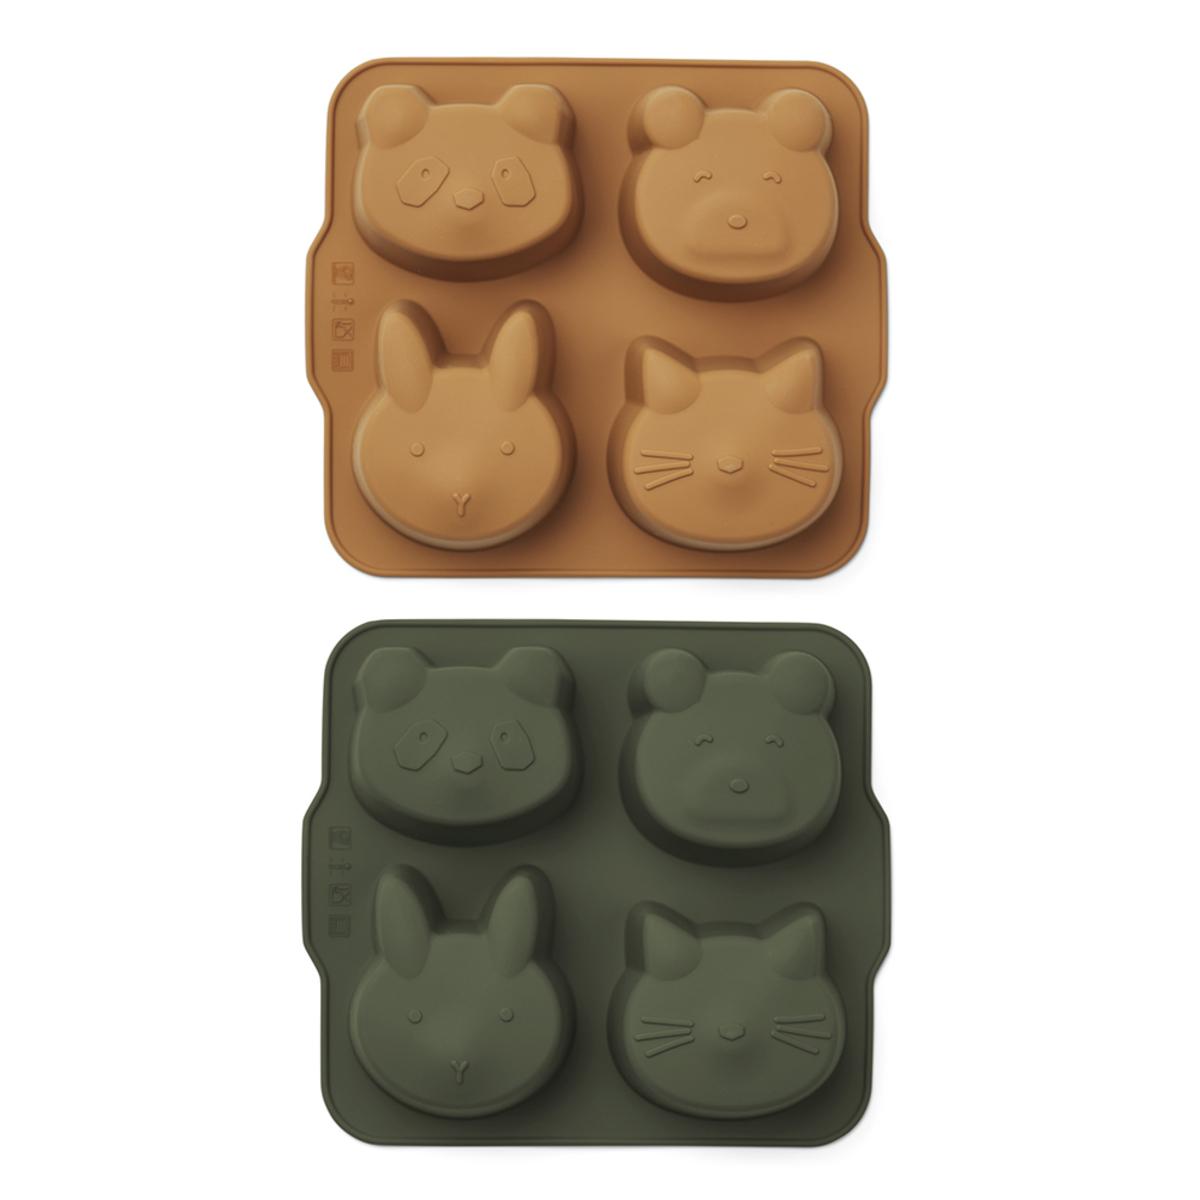 Vaisselle & Couvert Lot de 2 Mini Moules à Gâteau Mariam - Hunter Green & Mustard Lot de 2 Mini Moules à Gâteau Mariam - Hunter Green & Mustard